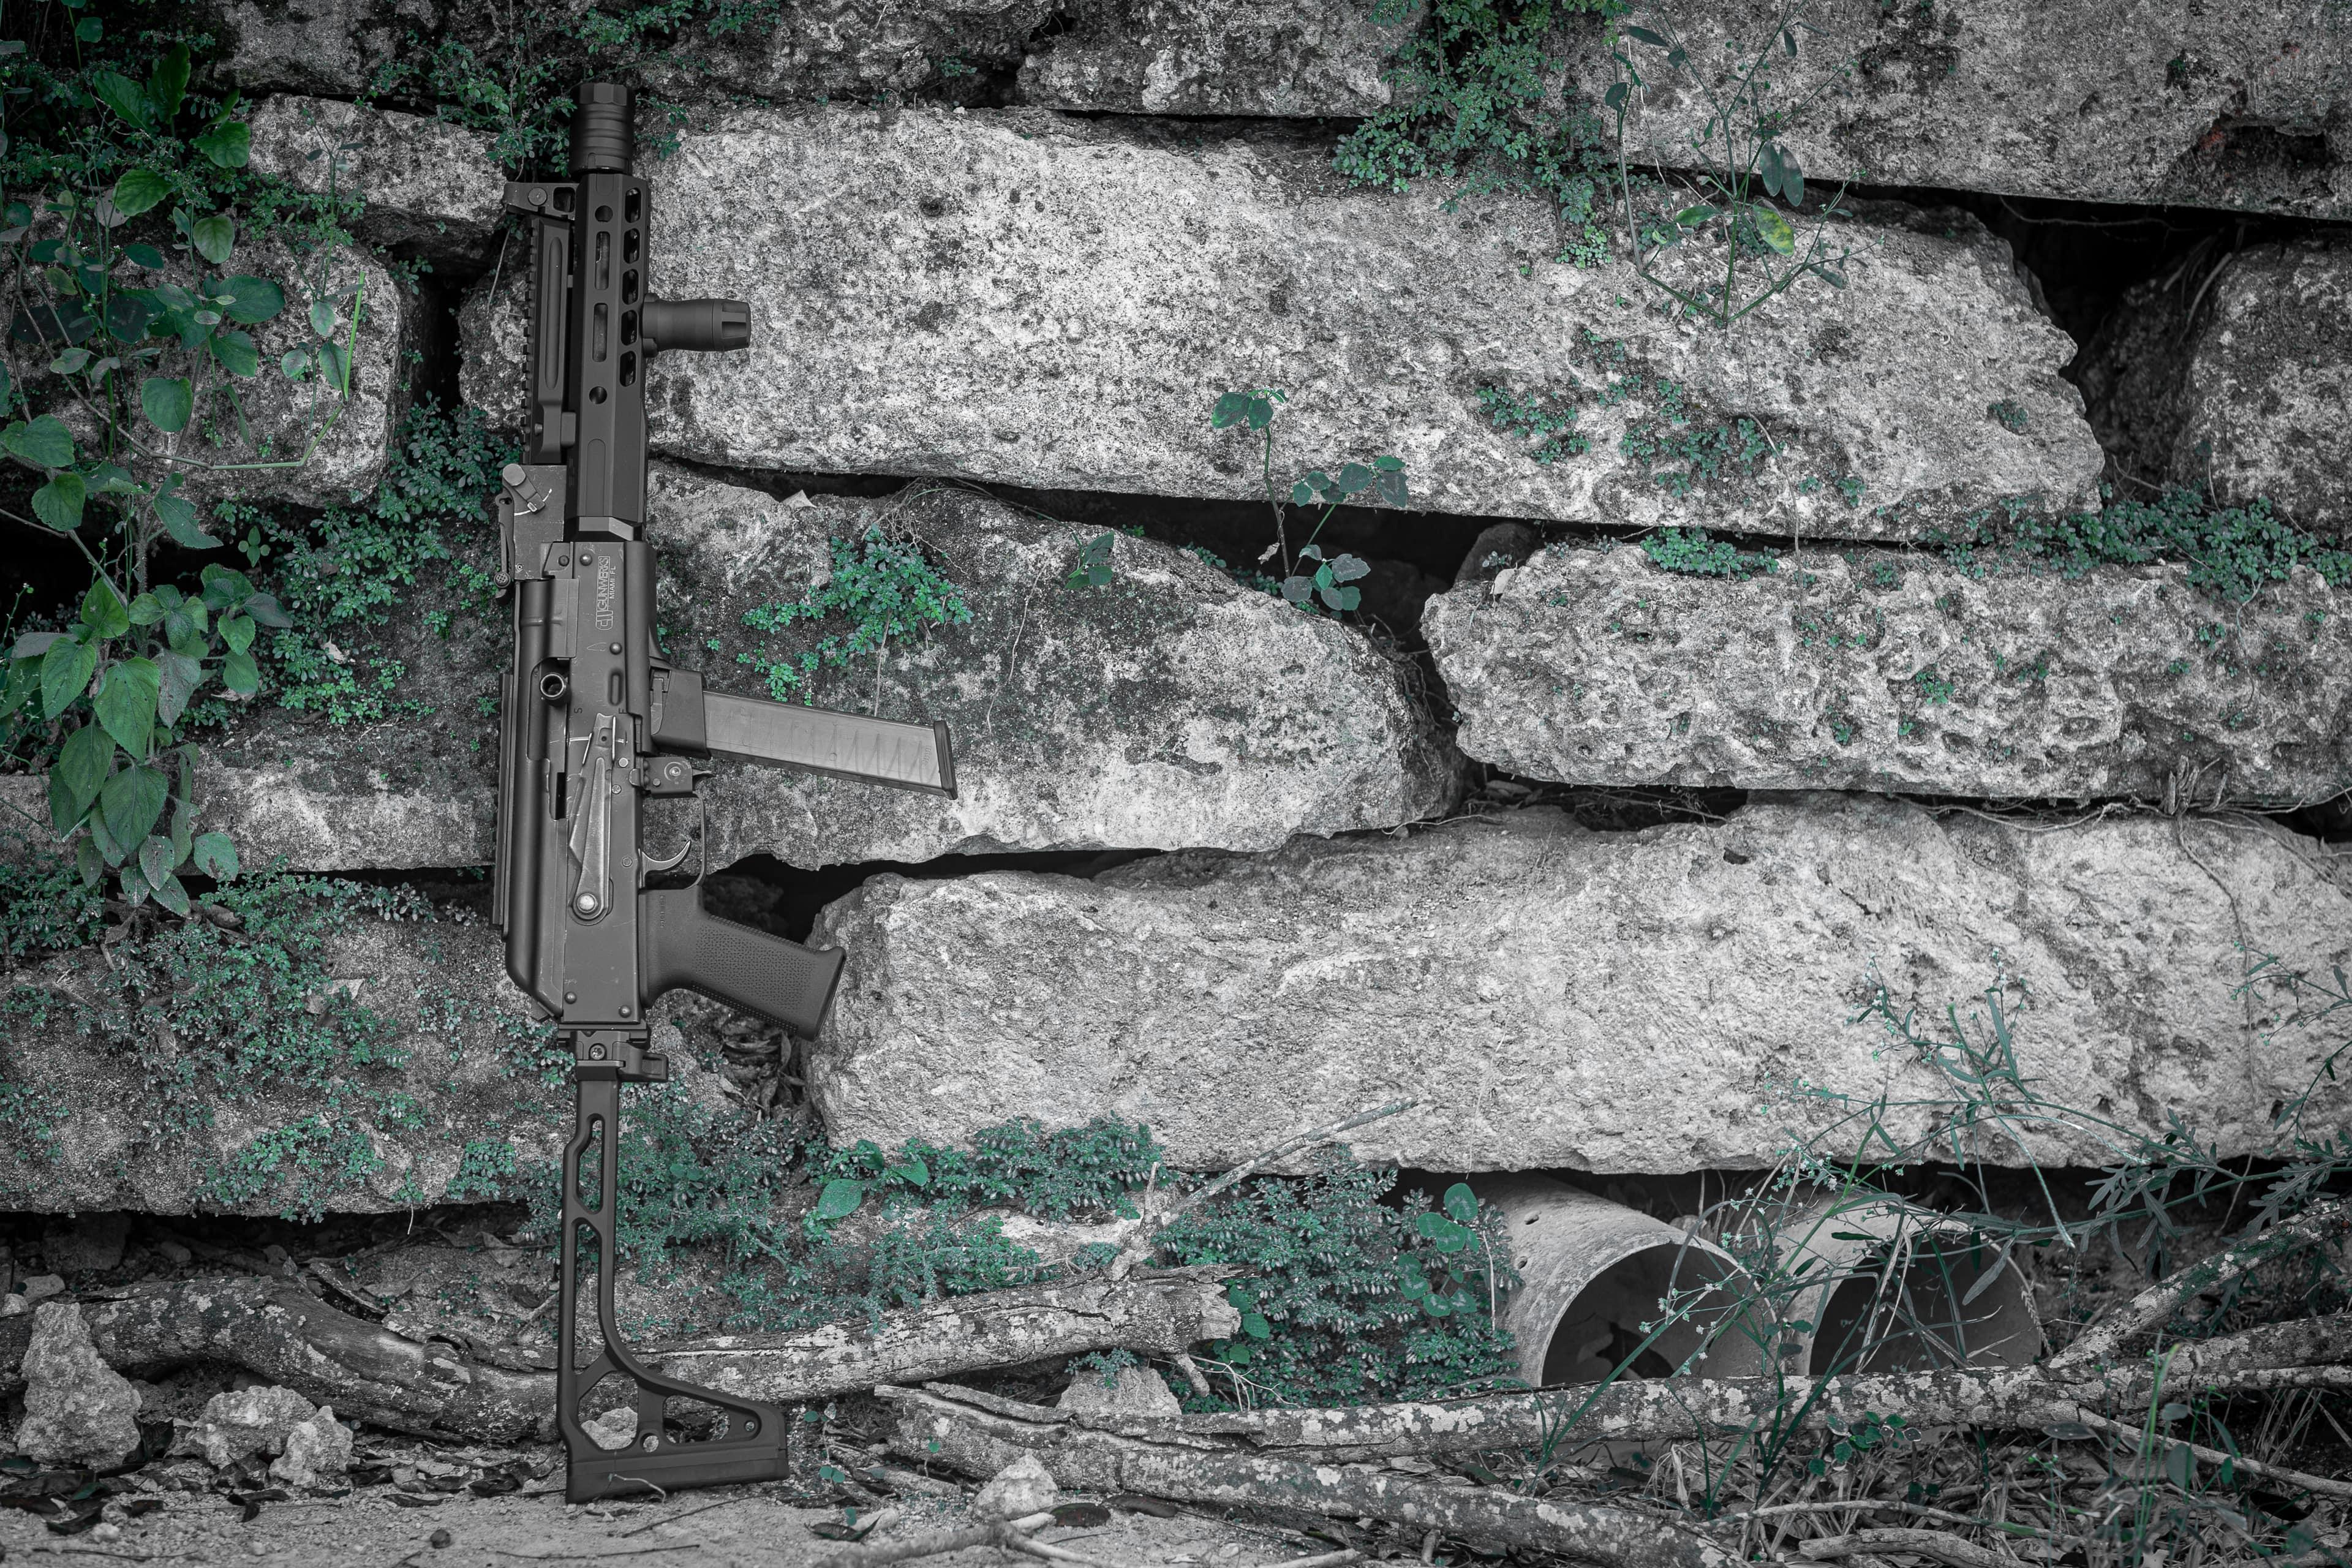 A 9mm AK submachinegun by CW Gunwerks